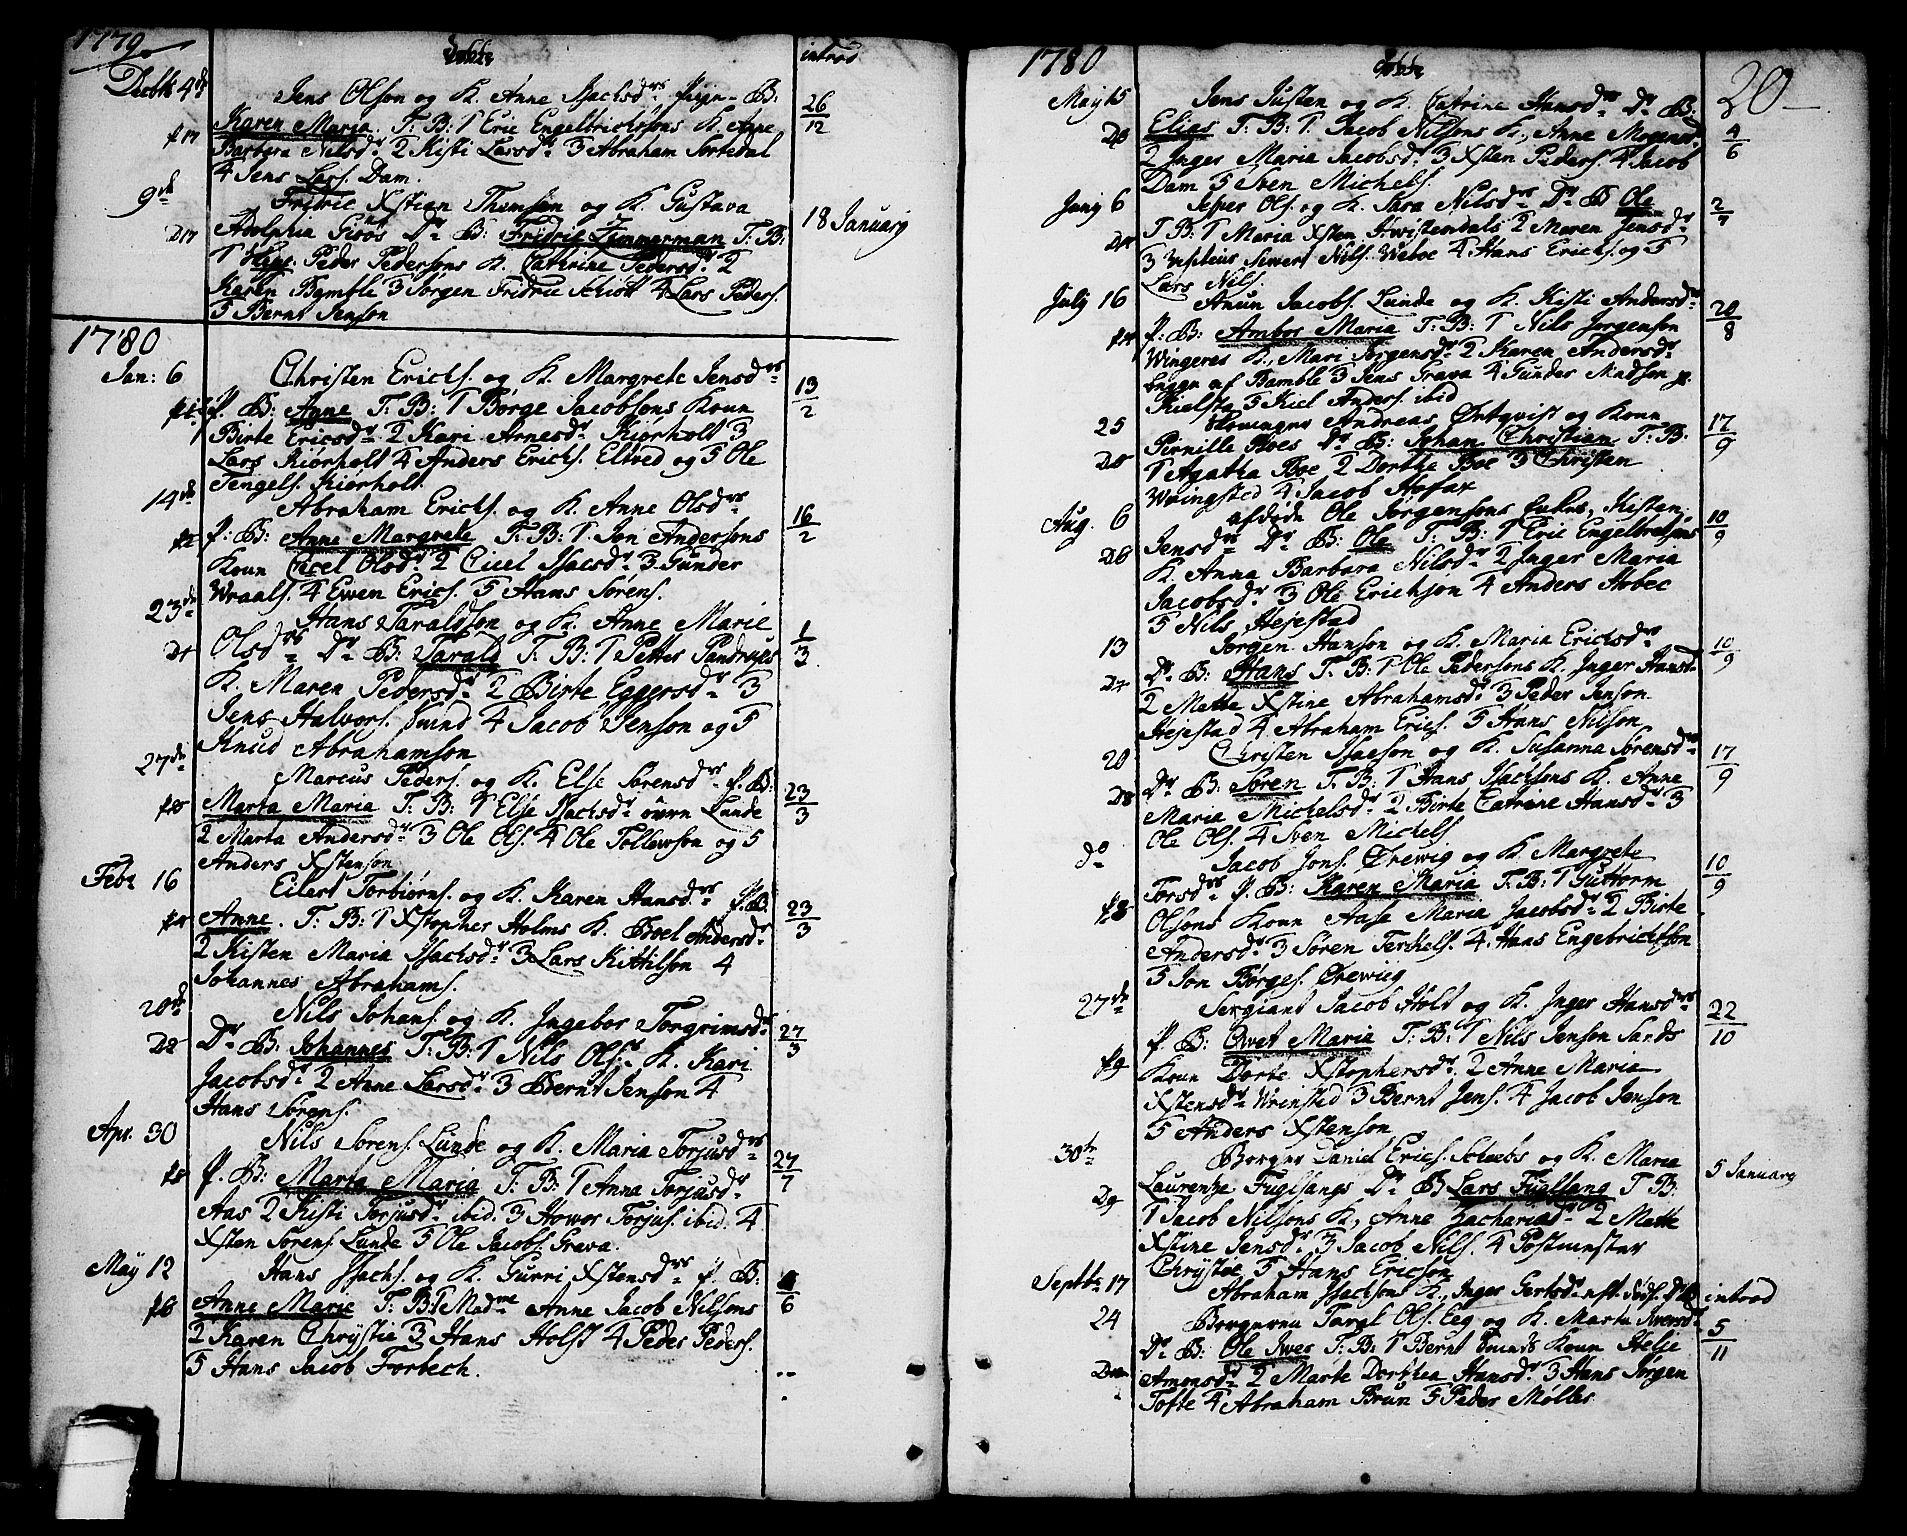 SAKO, Brevik kirkebøker, F/Fa/L0003: Ministerialbok nr. 3, 1764-1814, s. 20